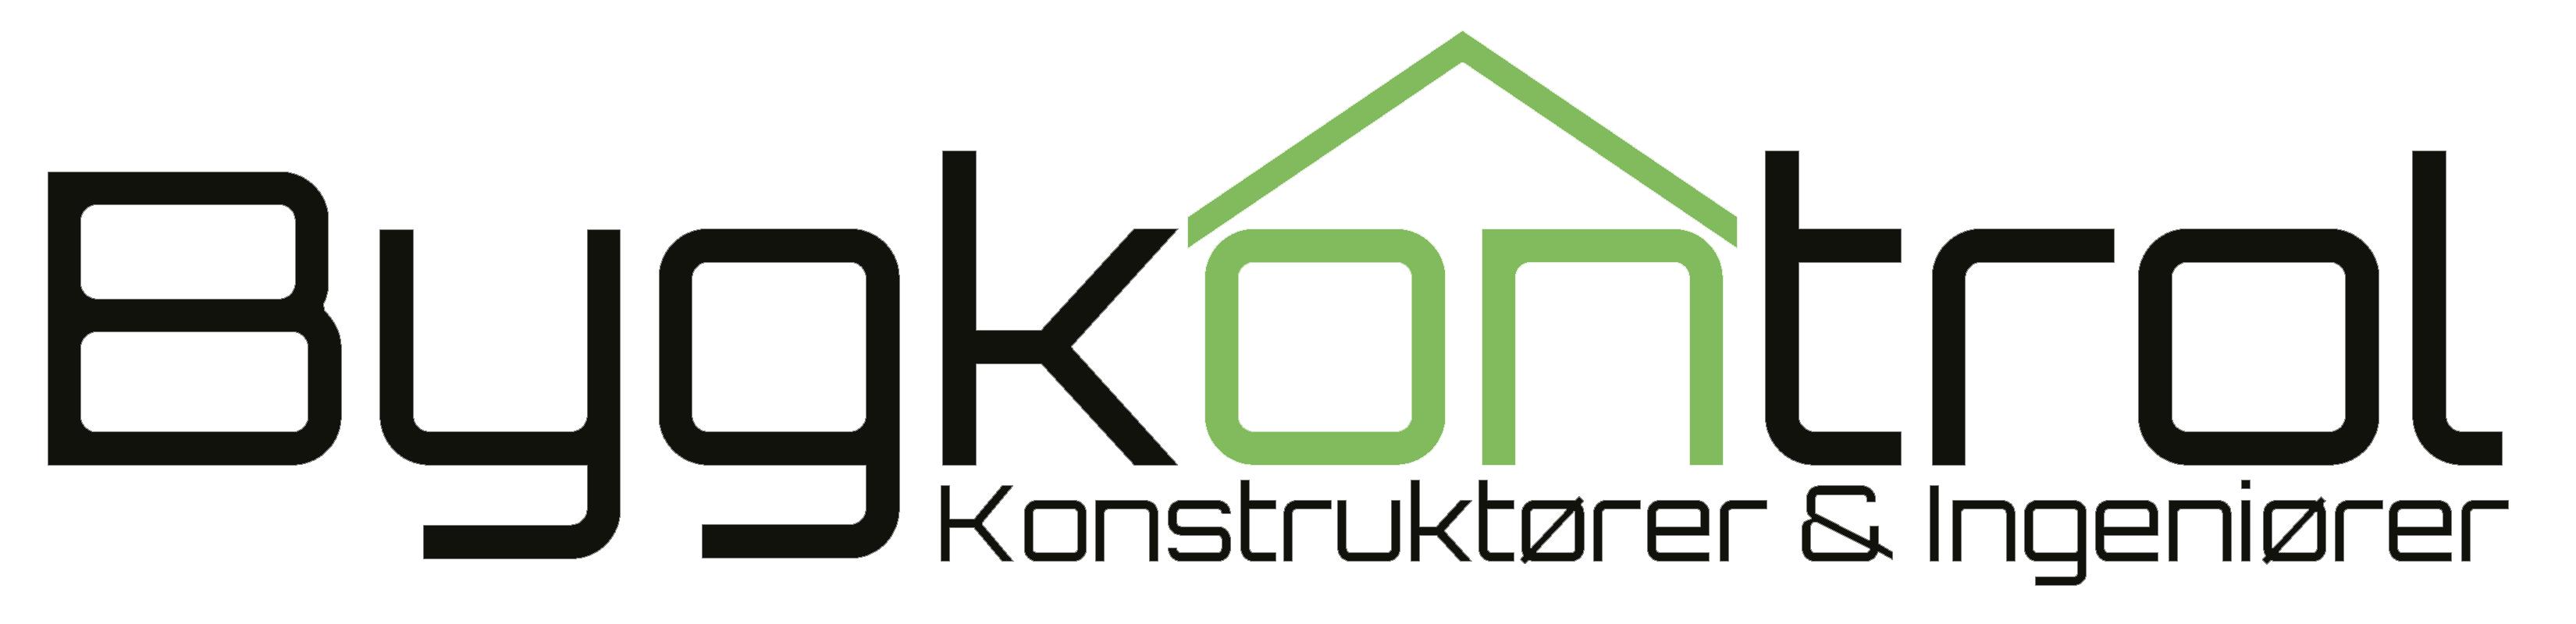 Bygkontrol logo sort tekst - konstruktoerer og ingenioerer